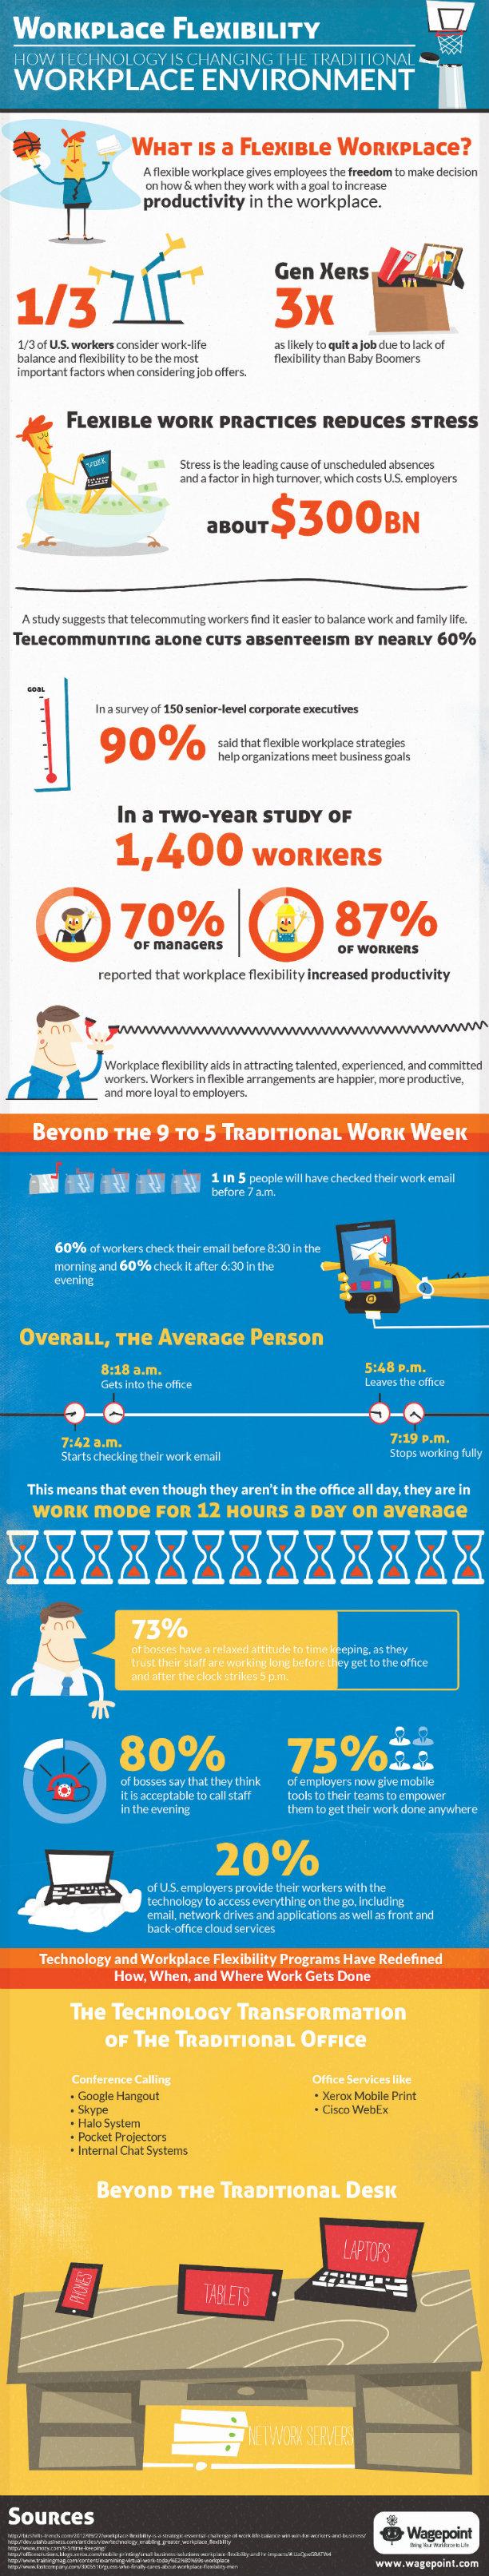 workplace-flexibility